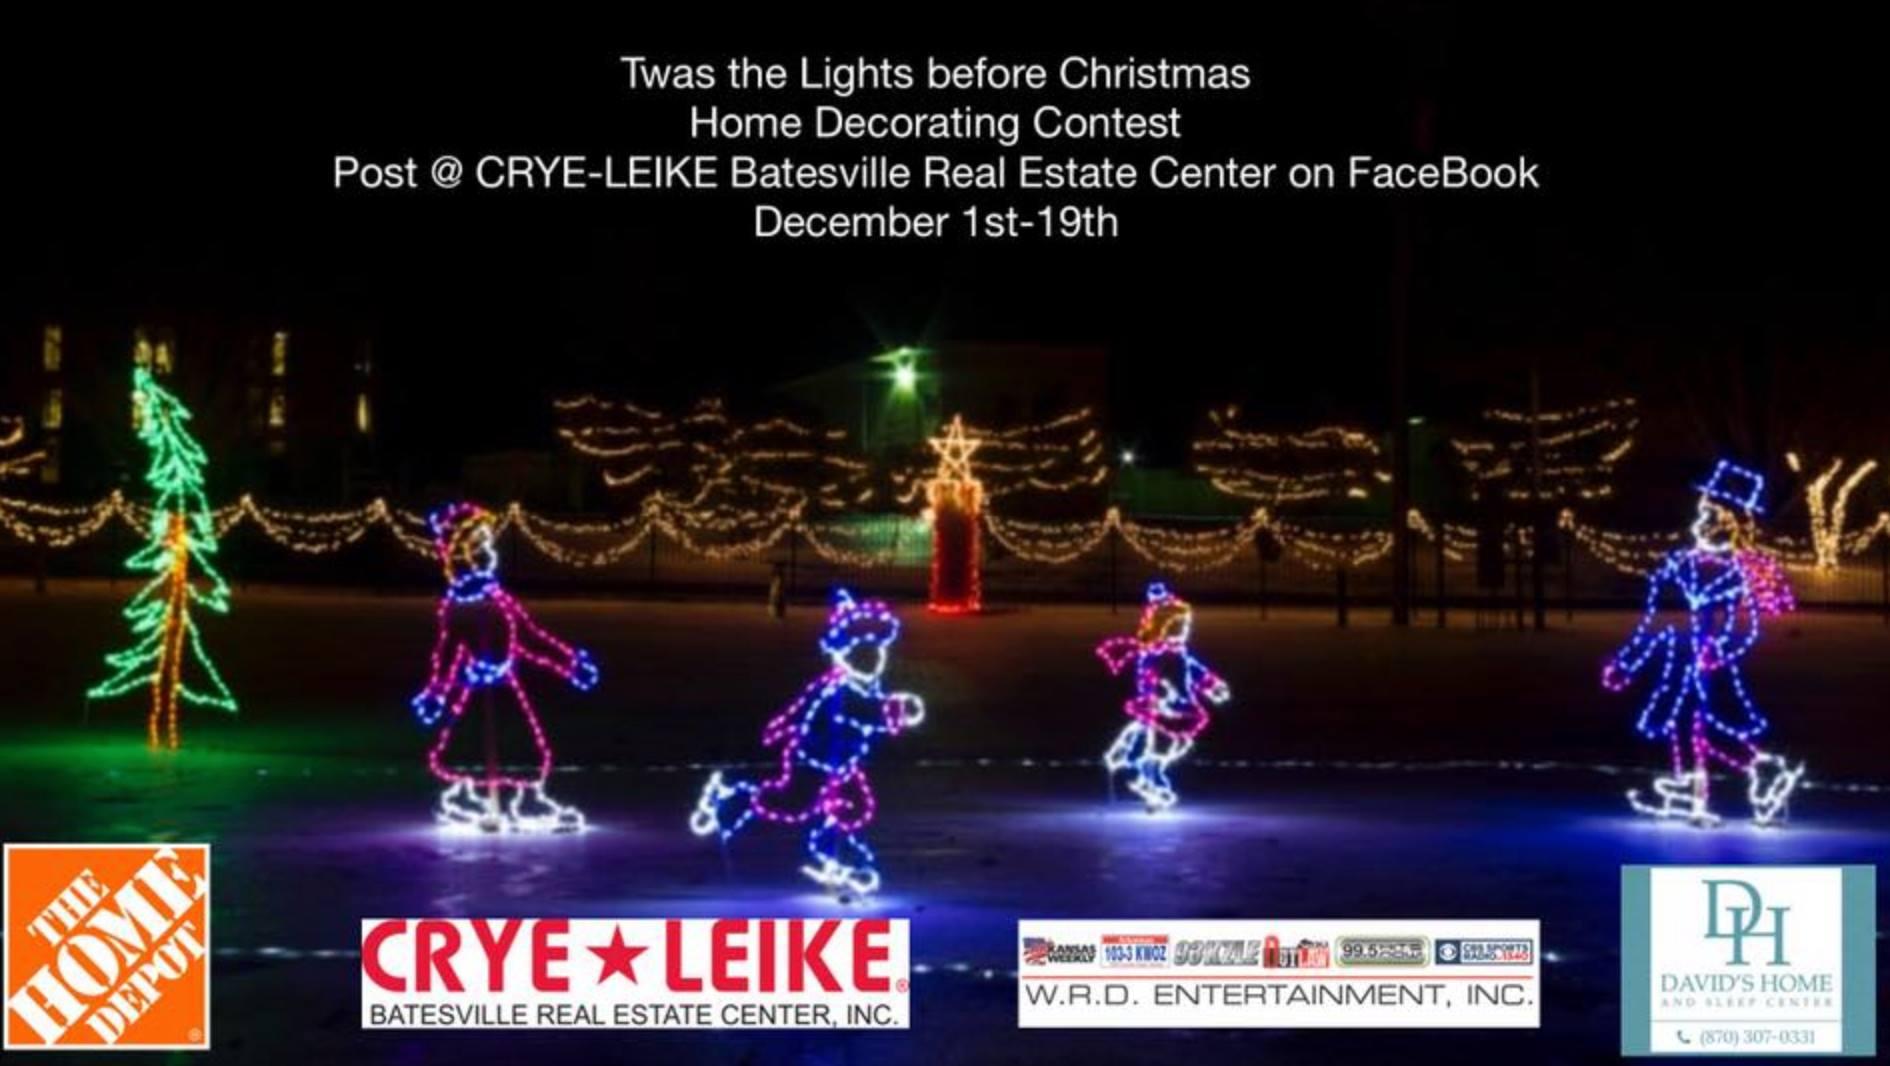 crye-leike Christmas pic